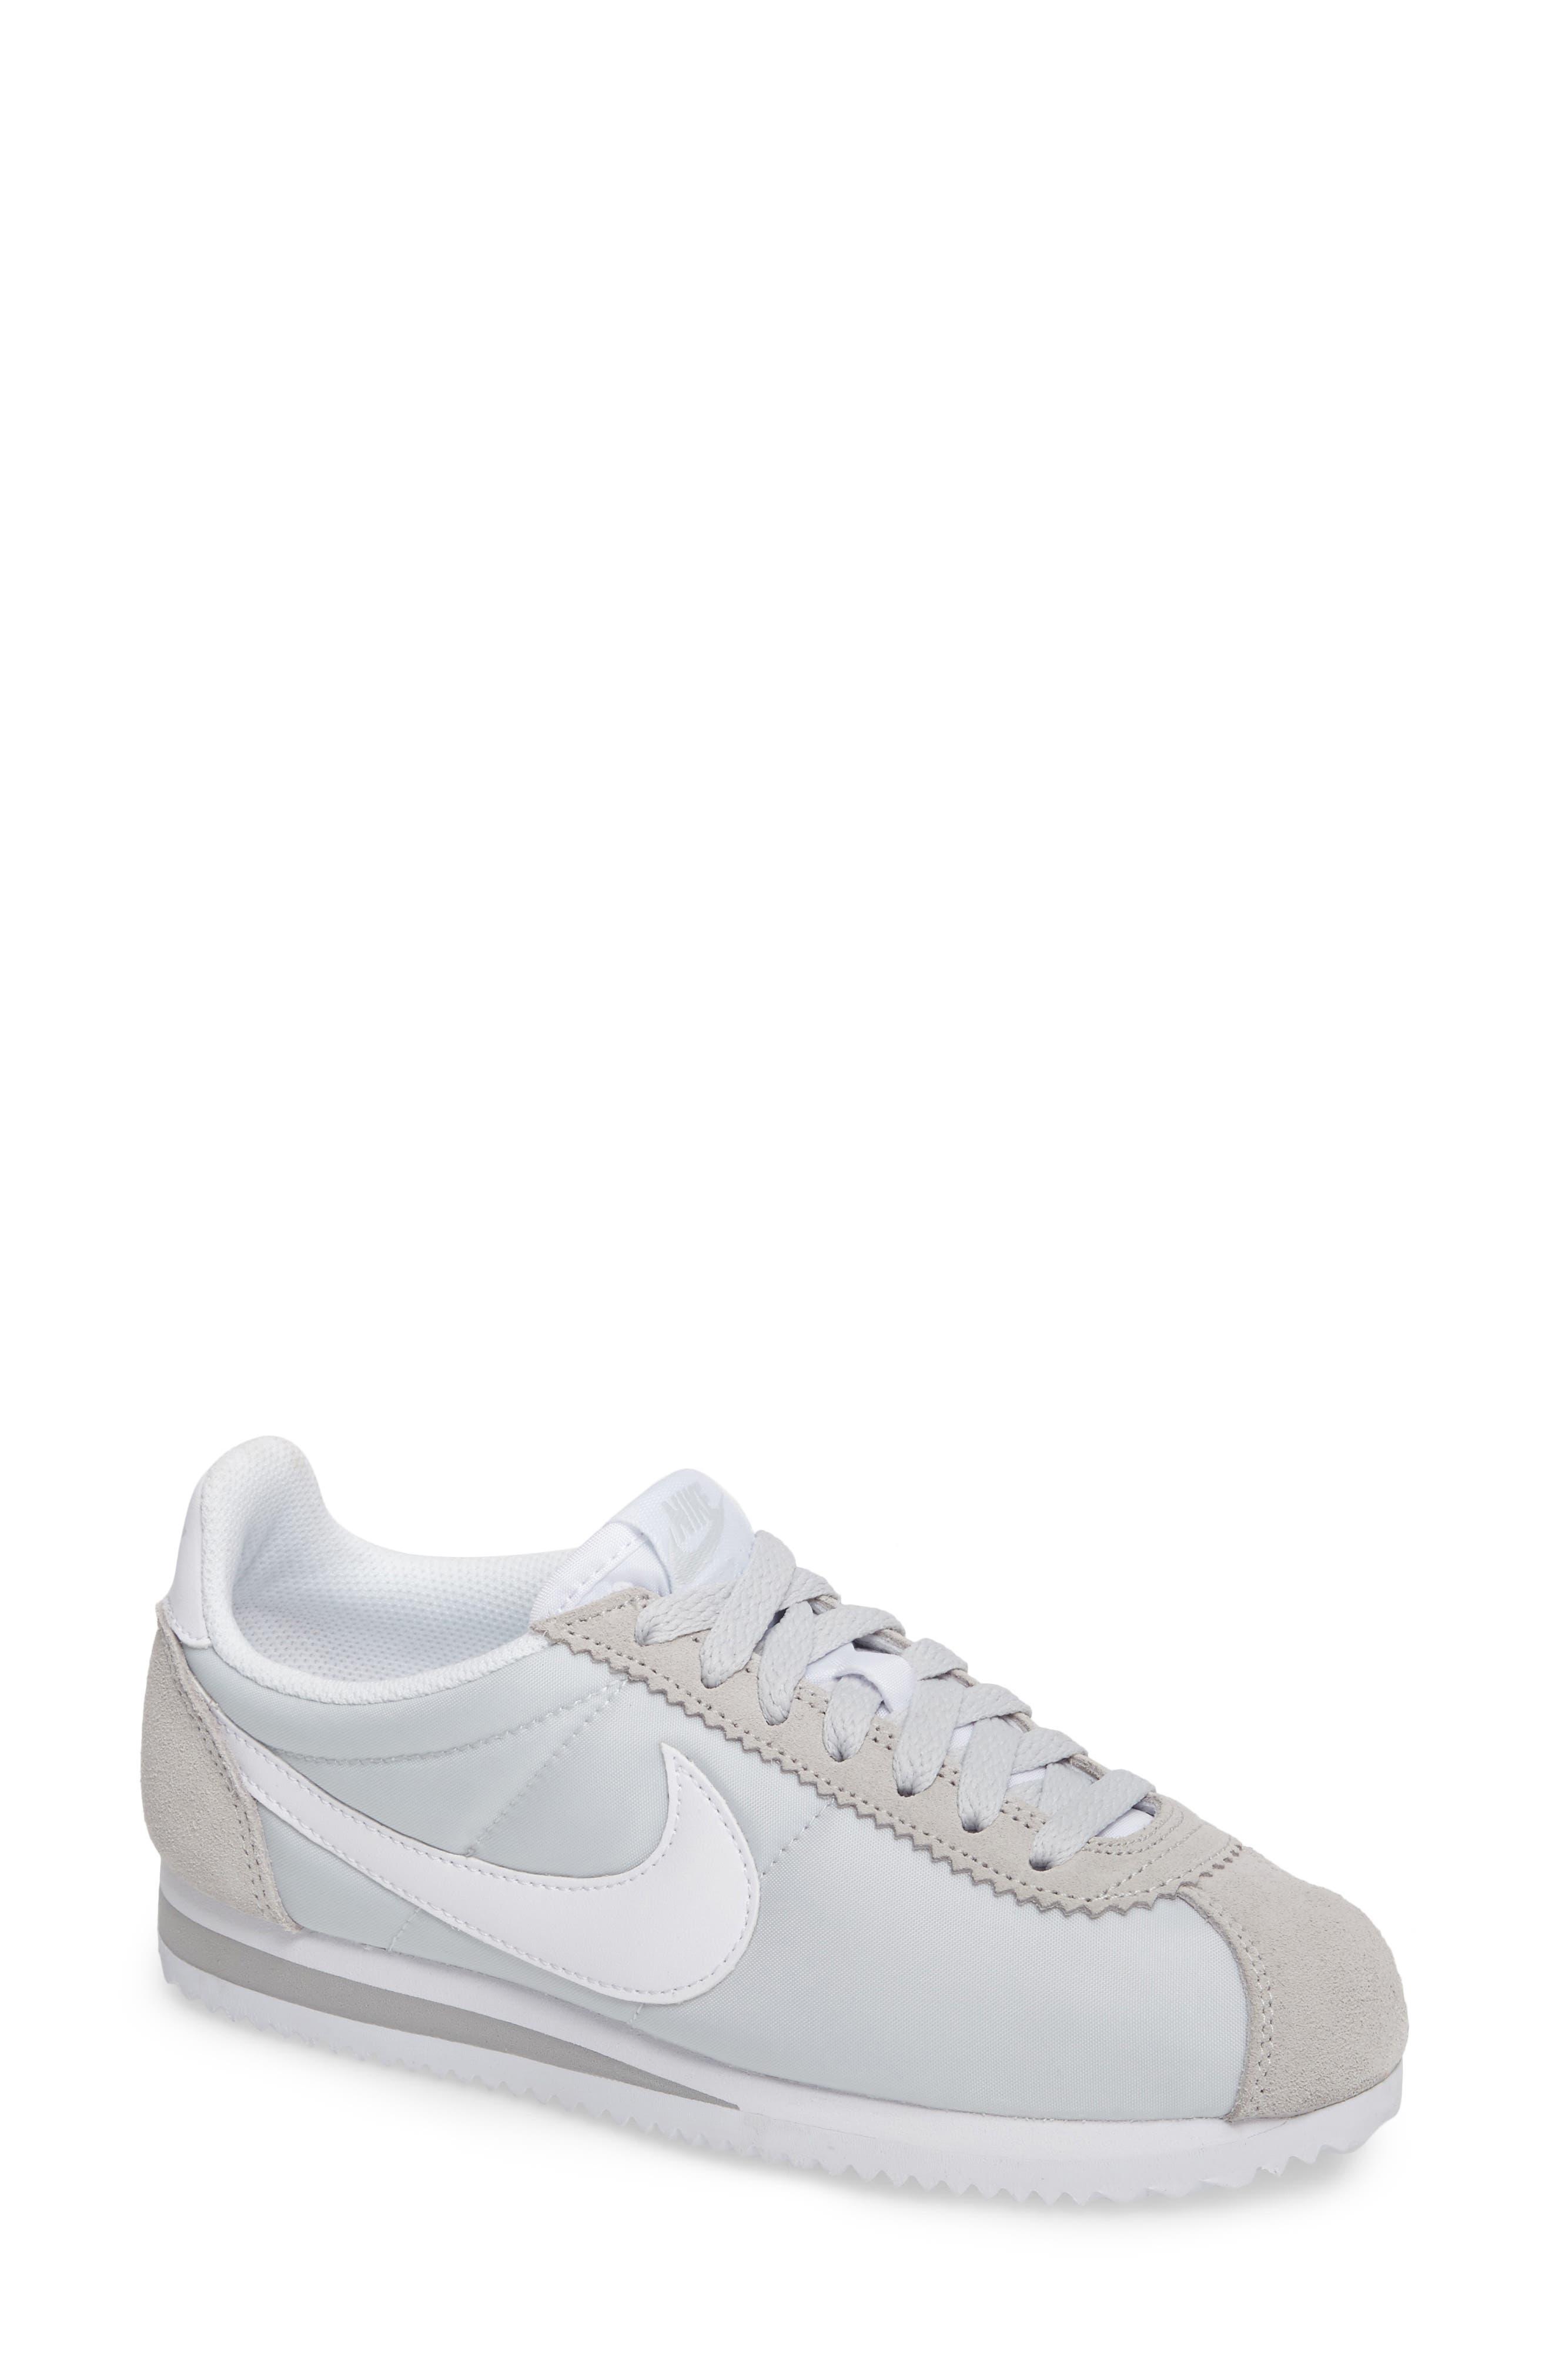 'Classic Cortez' Sneaker,                         Main,                         color, Pure Platinum/ White